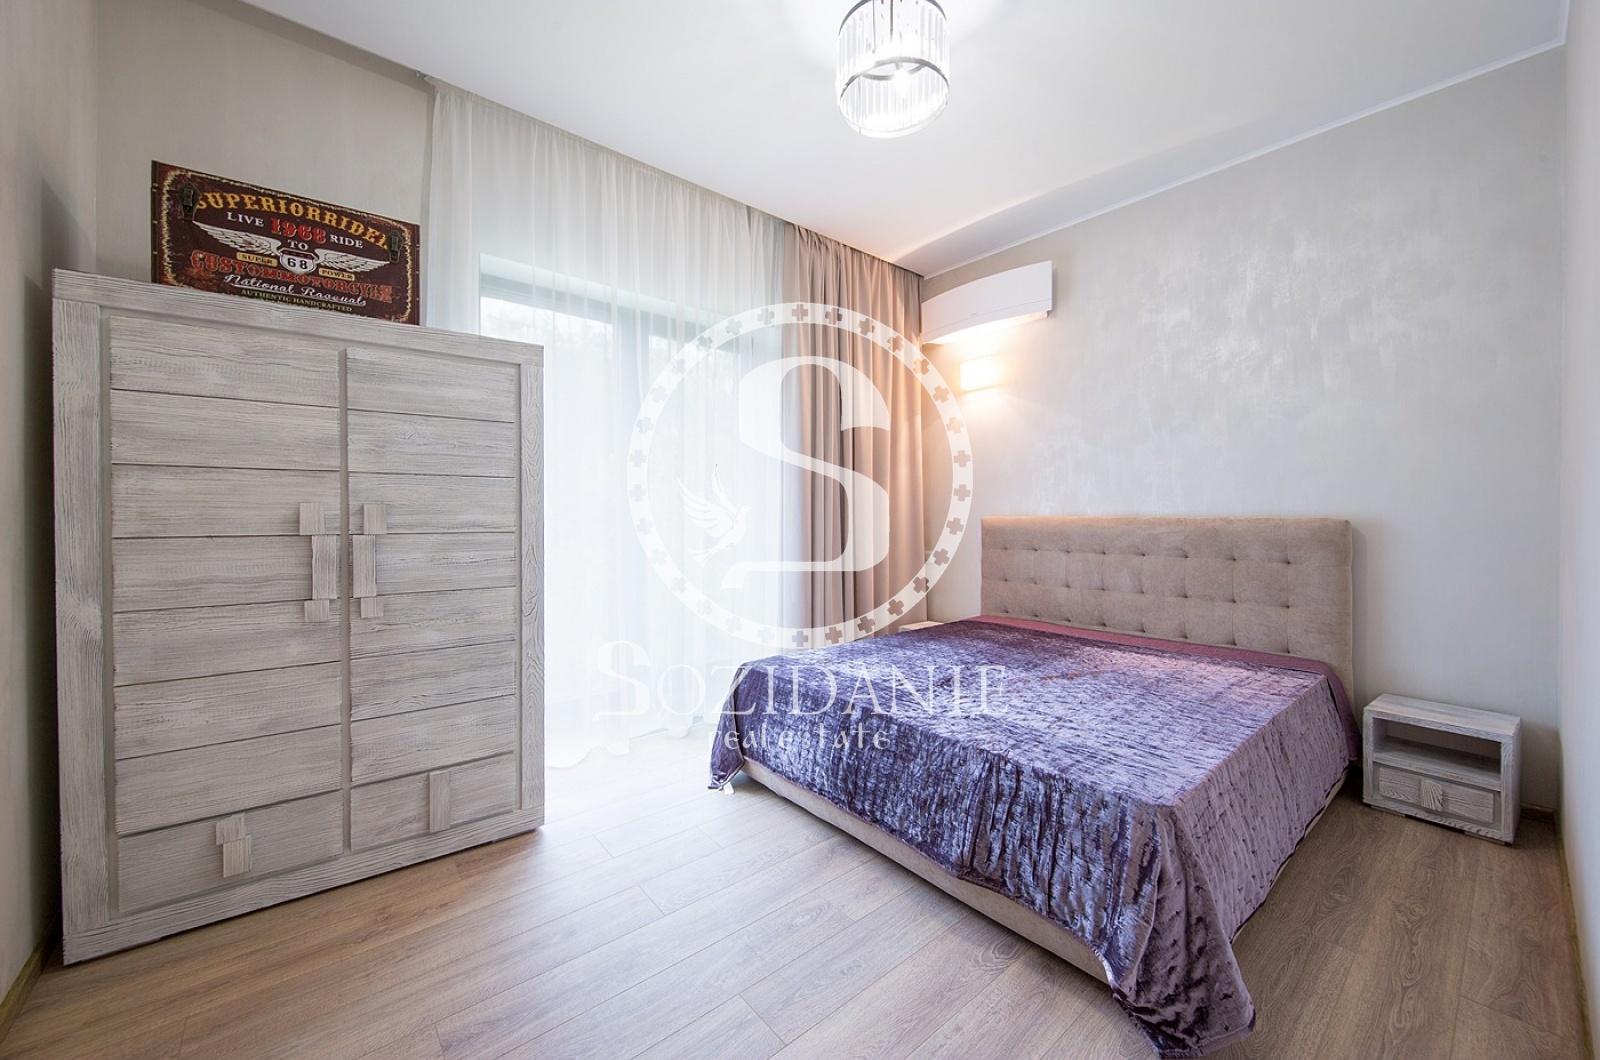 2 Комнаты, Городская, Аренда, Улица Согласия, Listing ID 3497, Москва, Россия,